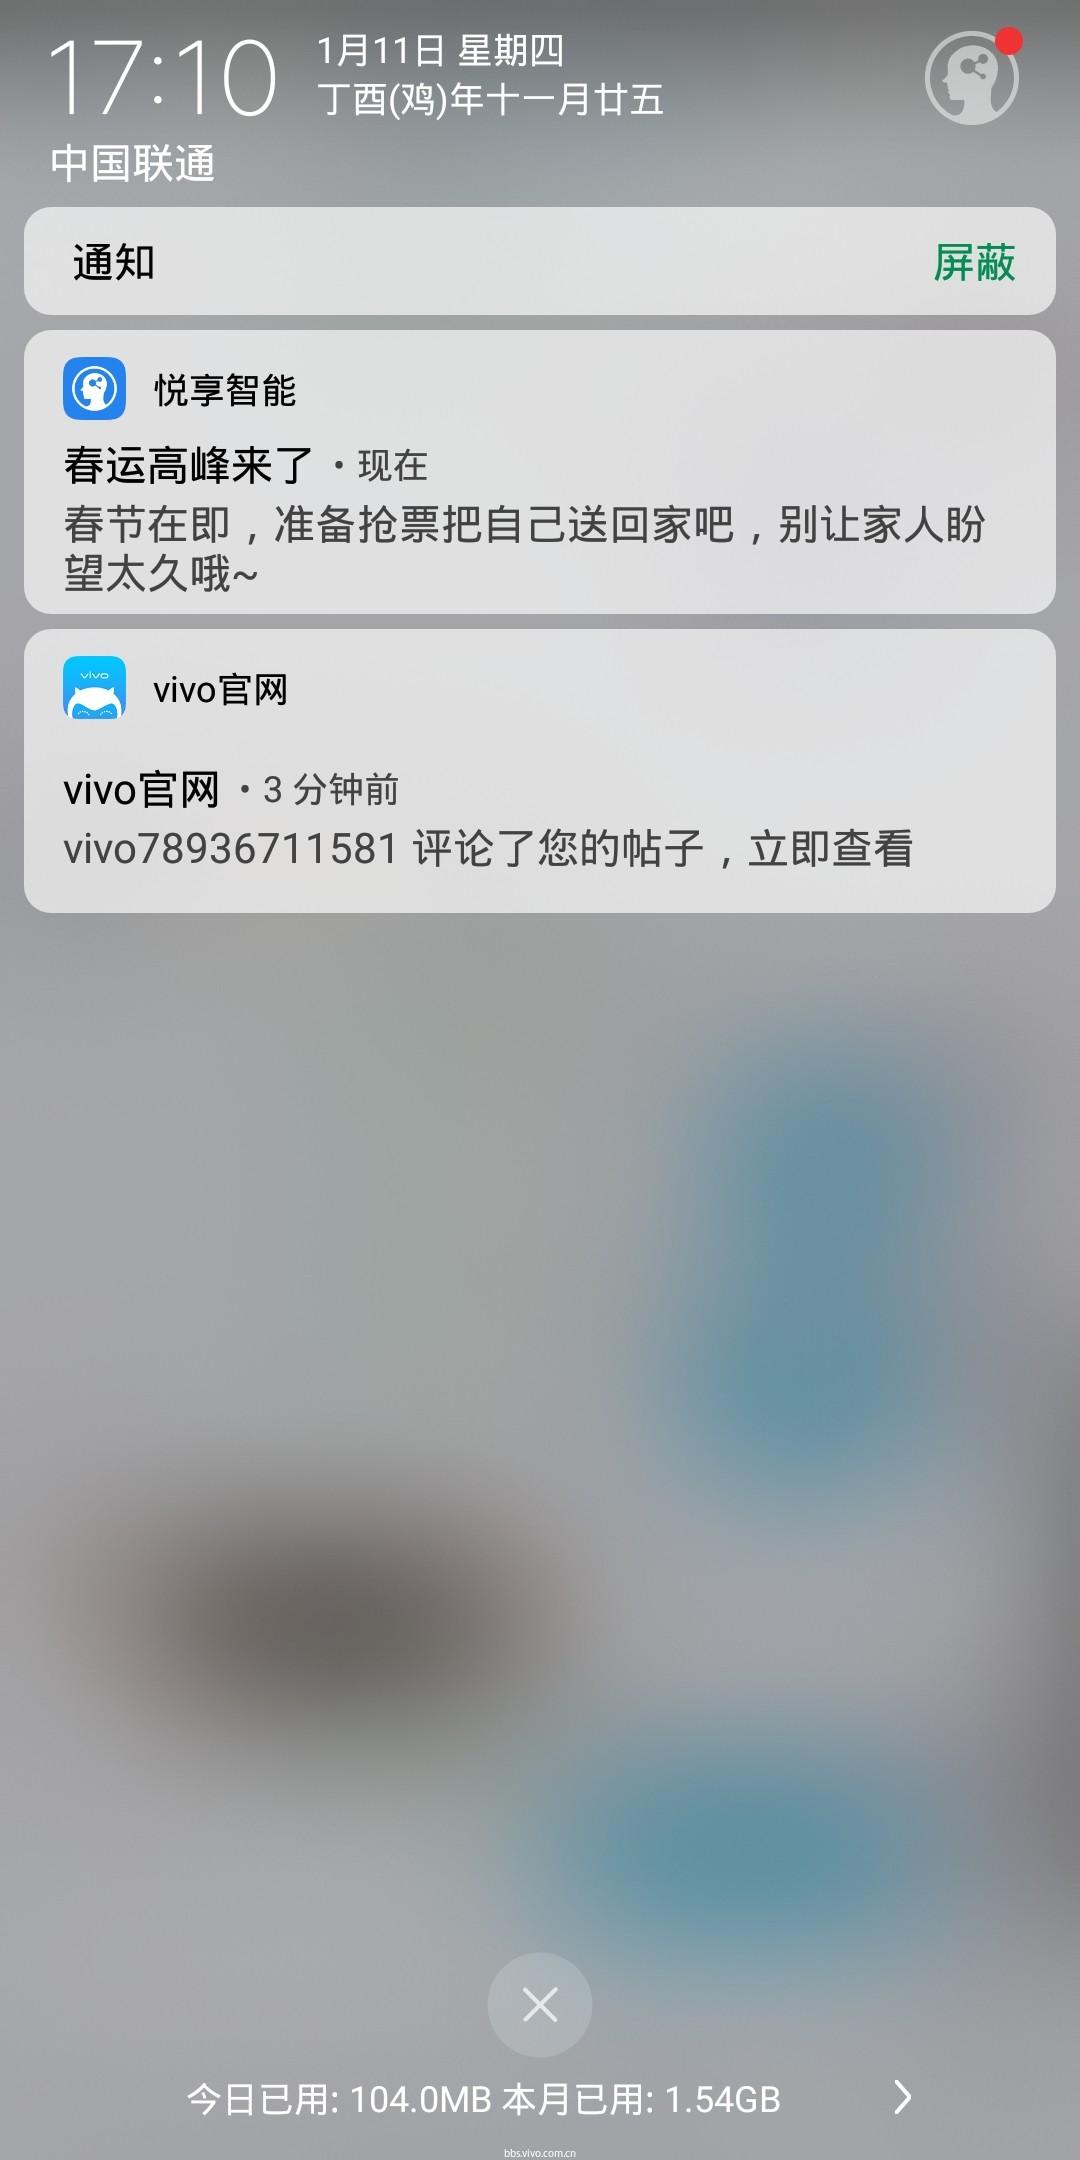 Screenshot_20180111_171011.jpg